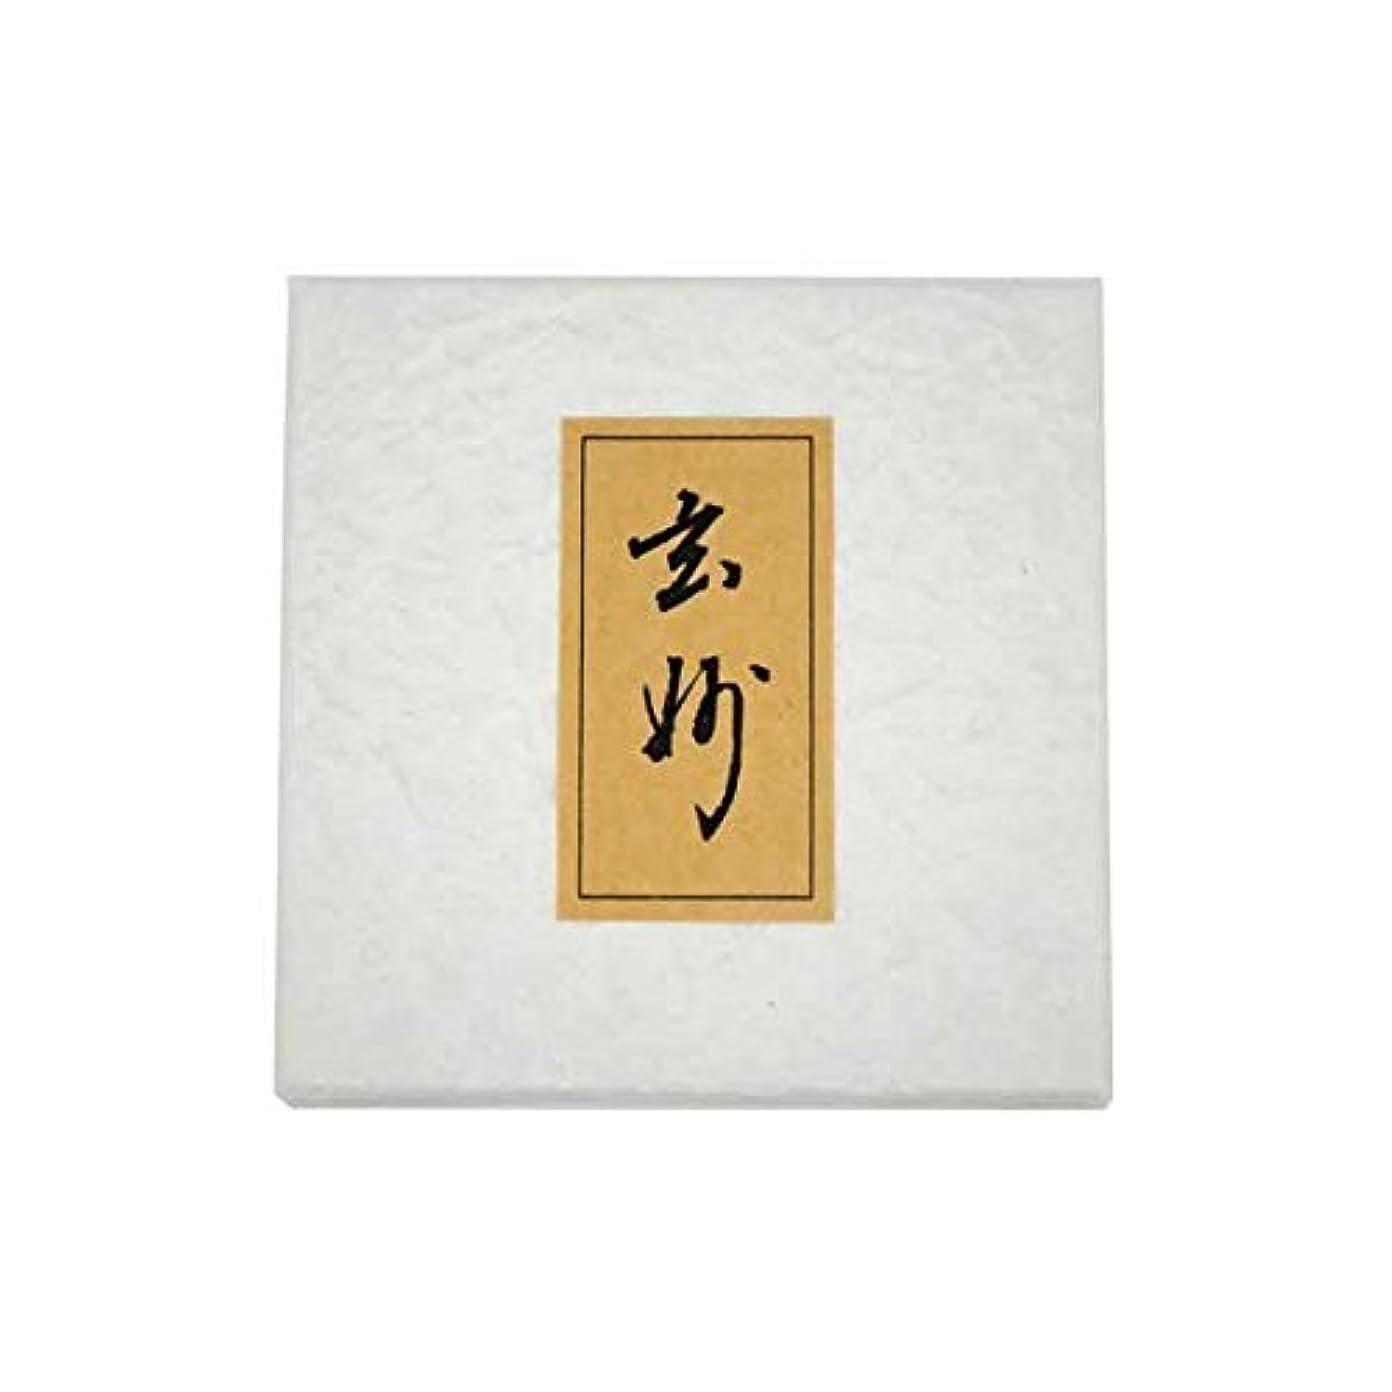 自動化荒れ地ドラマ玄妙 紙箱入(ビニール入)